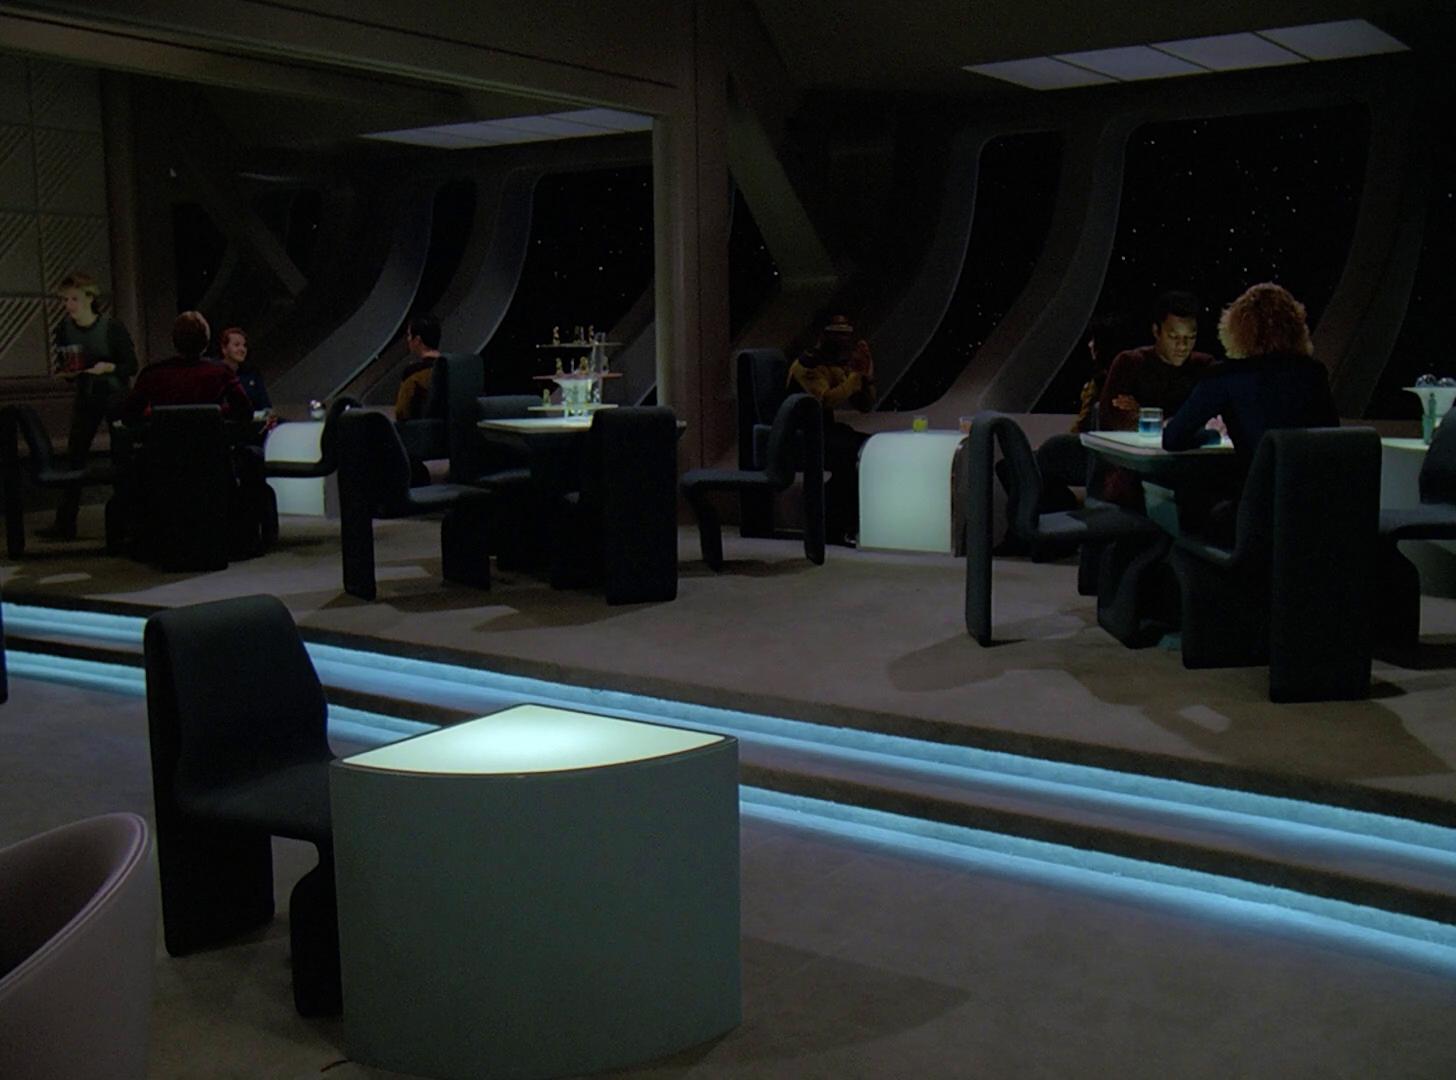 Votre bar préféré dans l'univers Star Trek Ten_Forward_%28lounge%29